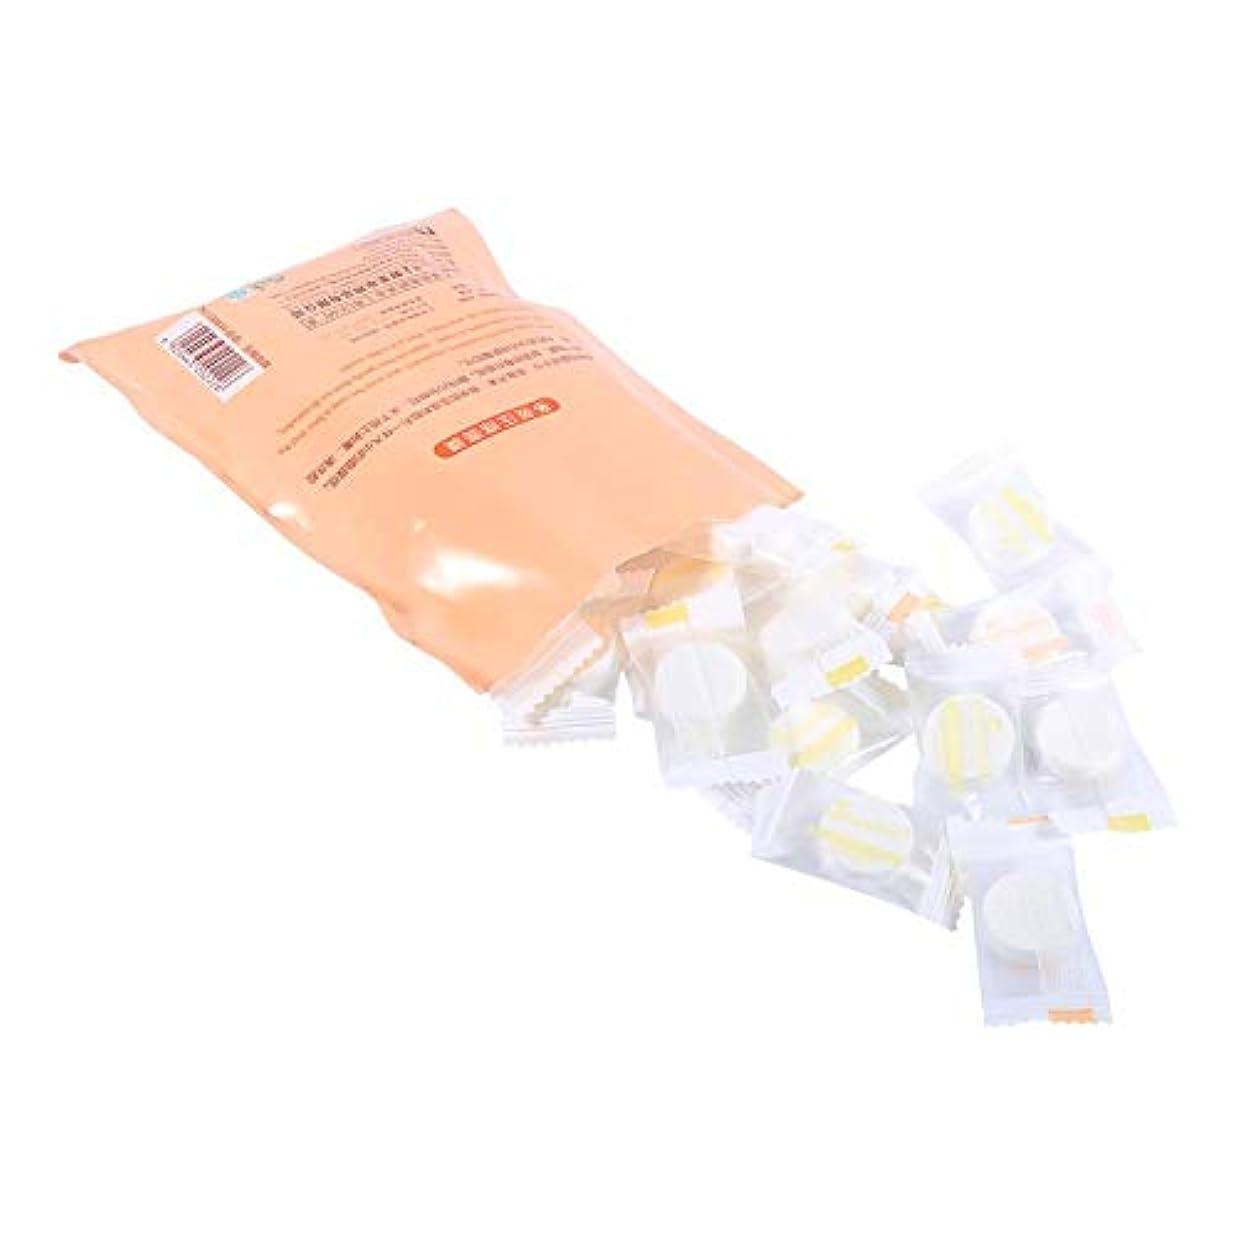 タクシー旅客ネックレス圧縮マスク、60/30/15ピース屋外旅行圧縮綿使い捨てマスクタブレット布ワイプ紙ティッシュフェイスケアdiyフェイシャルペーパーマスク(30個)